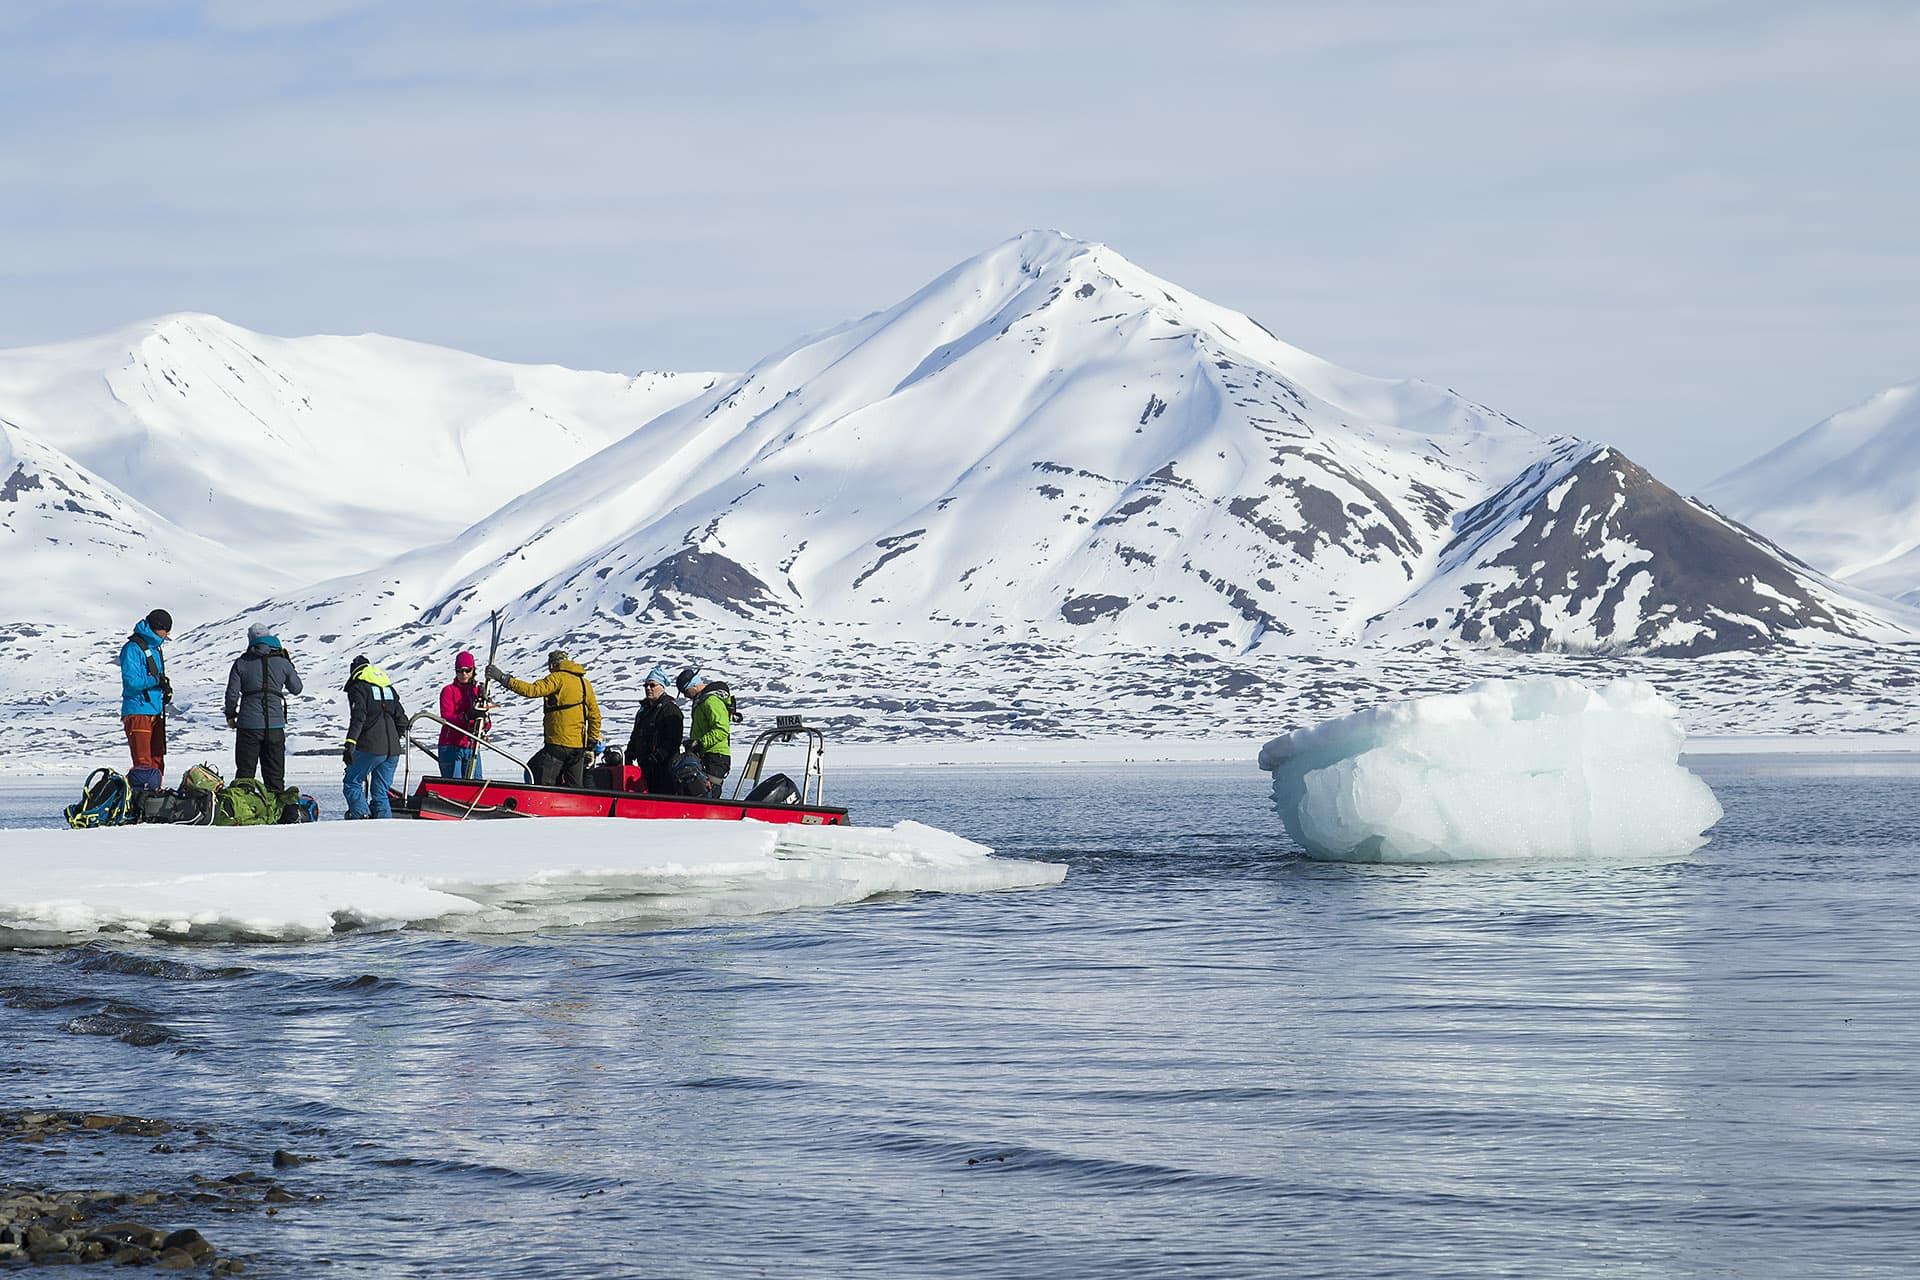 Från båten tar man jolle in till kusten. Och ibland måste man stiga av jollen på ett isflak.